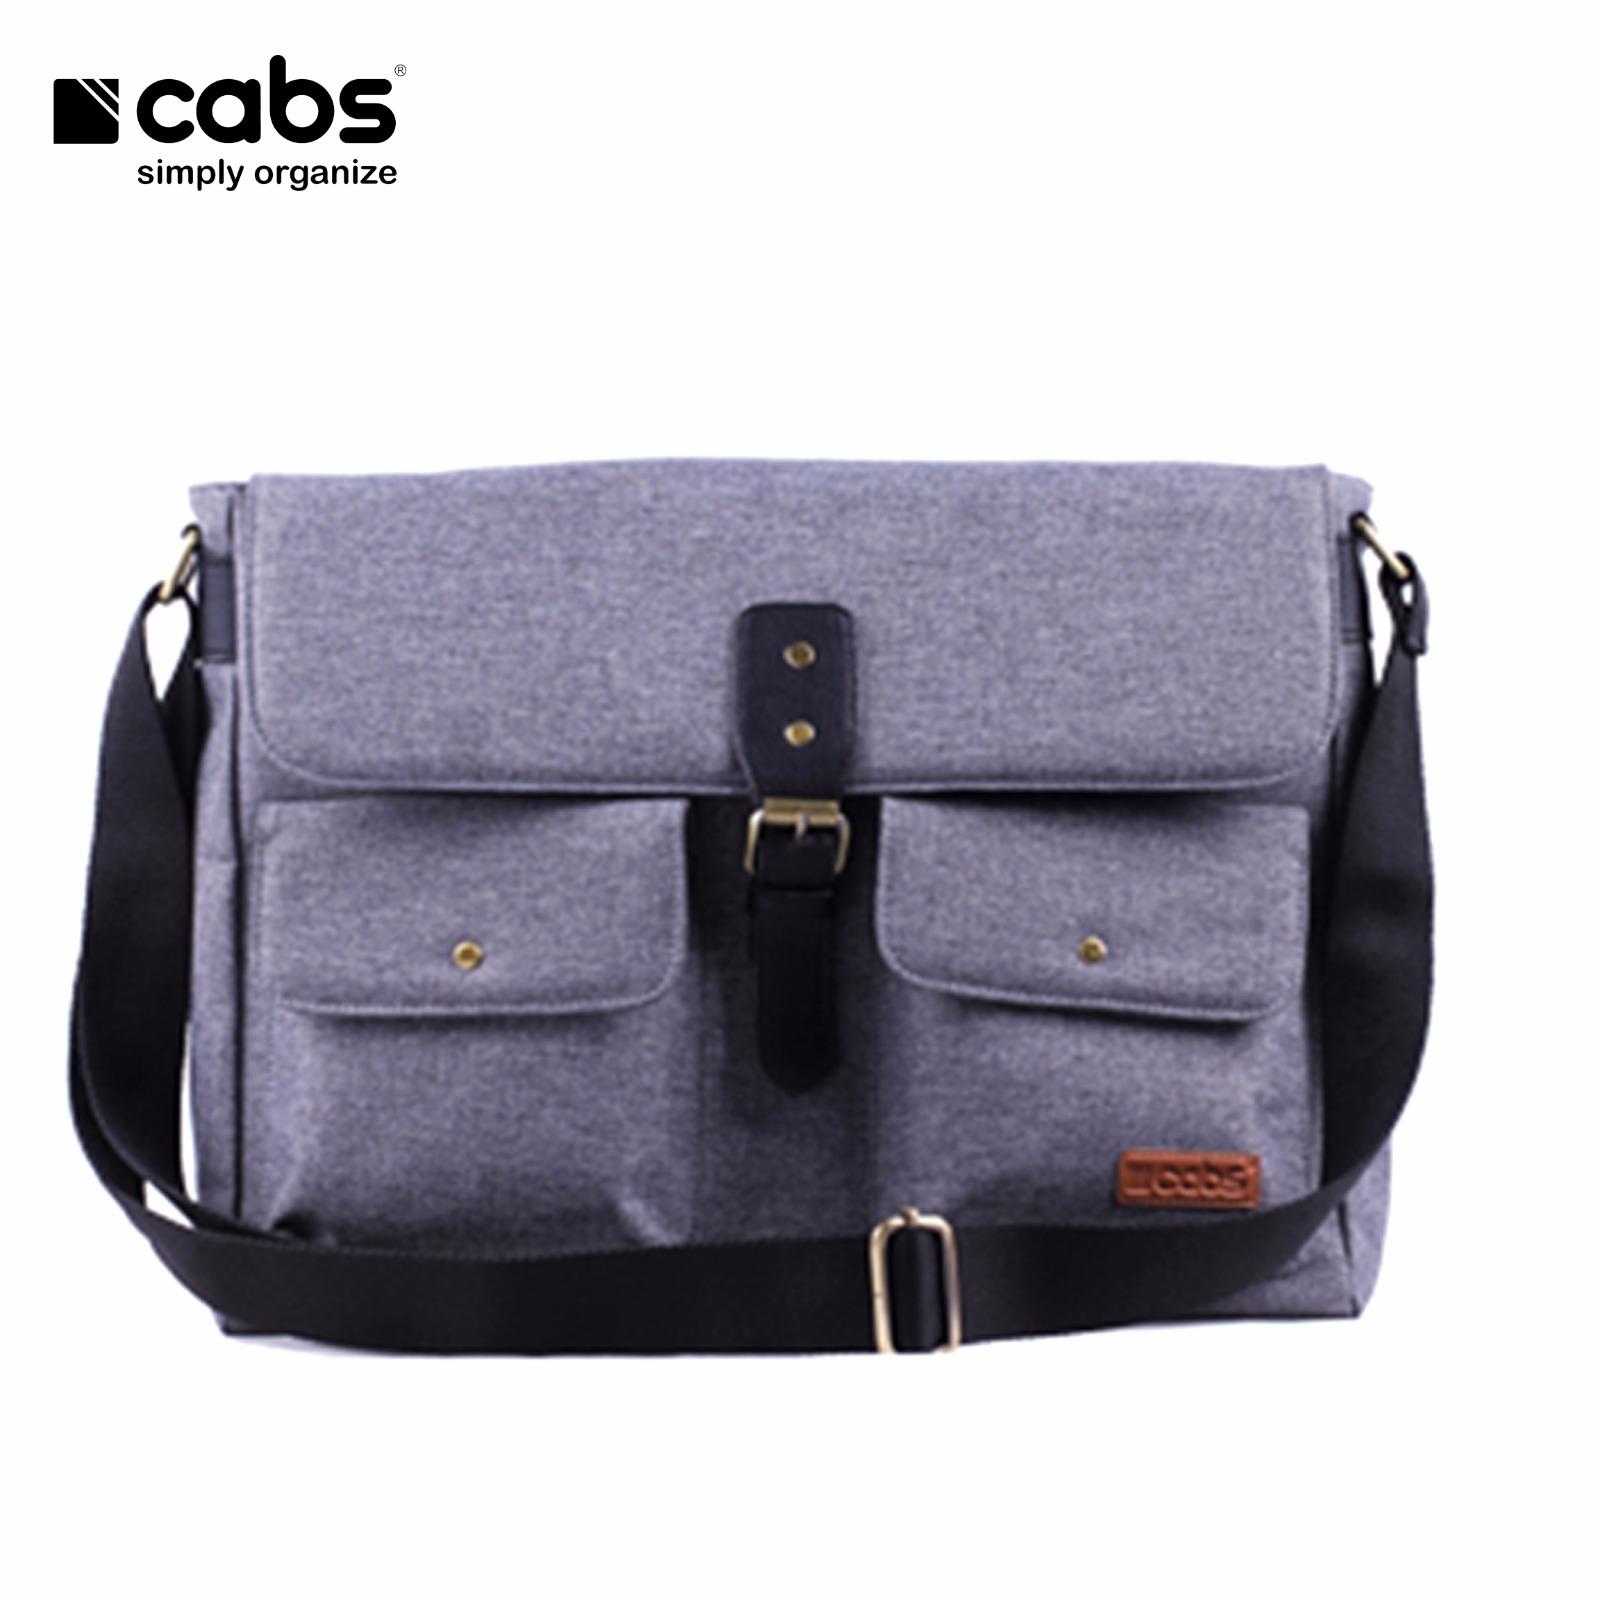 Jual Cabs Pocket Nichole Tas Pria Selempang Kerja Laptop Kamera Wanita Premium Notebook Fashion Cowok Sling Bag Grey